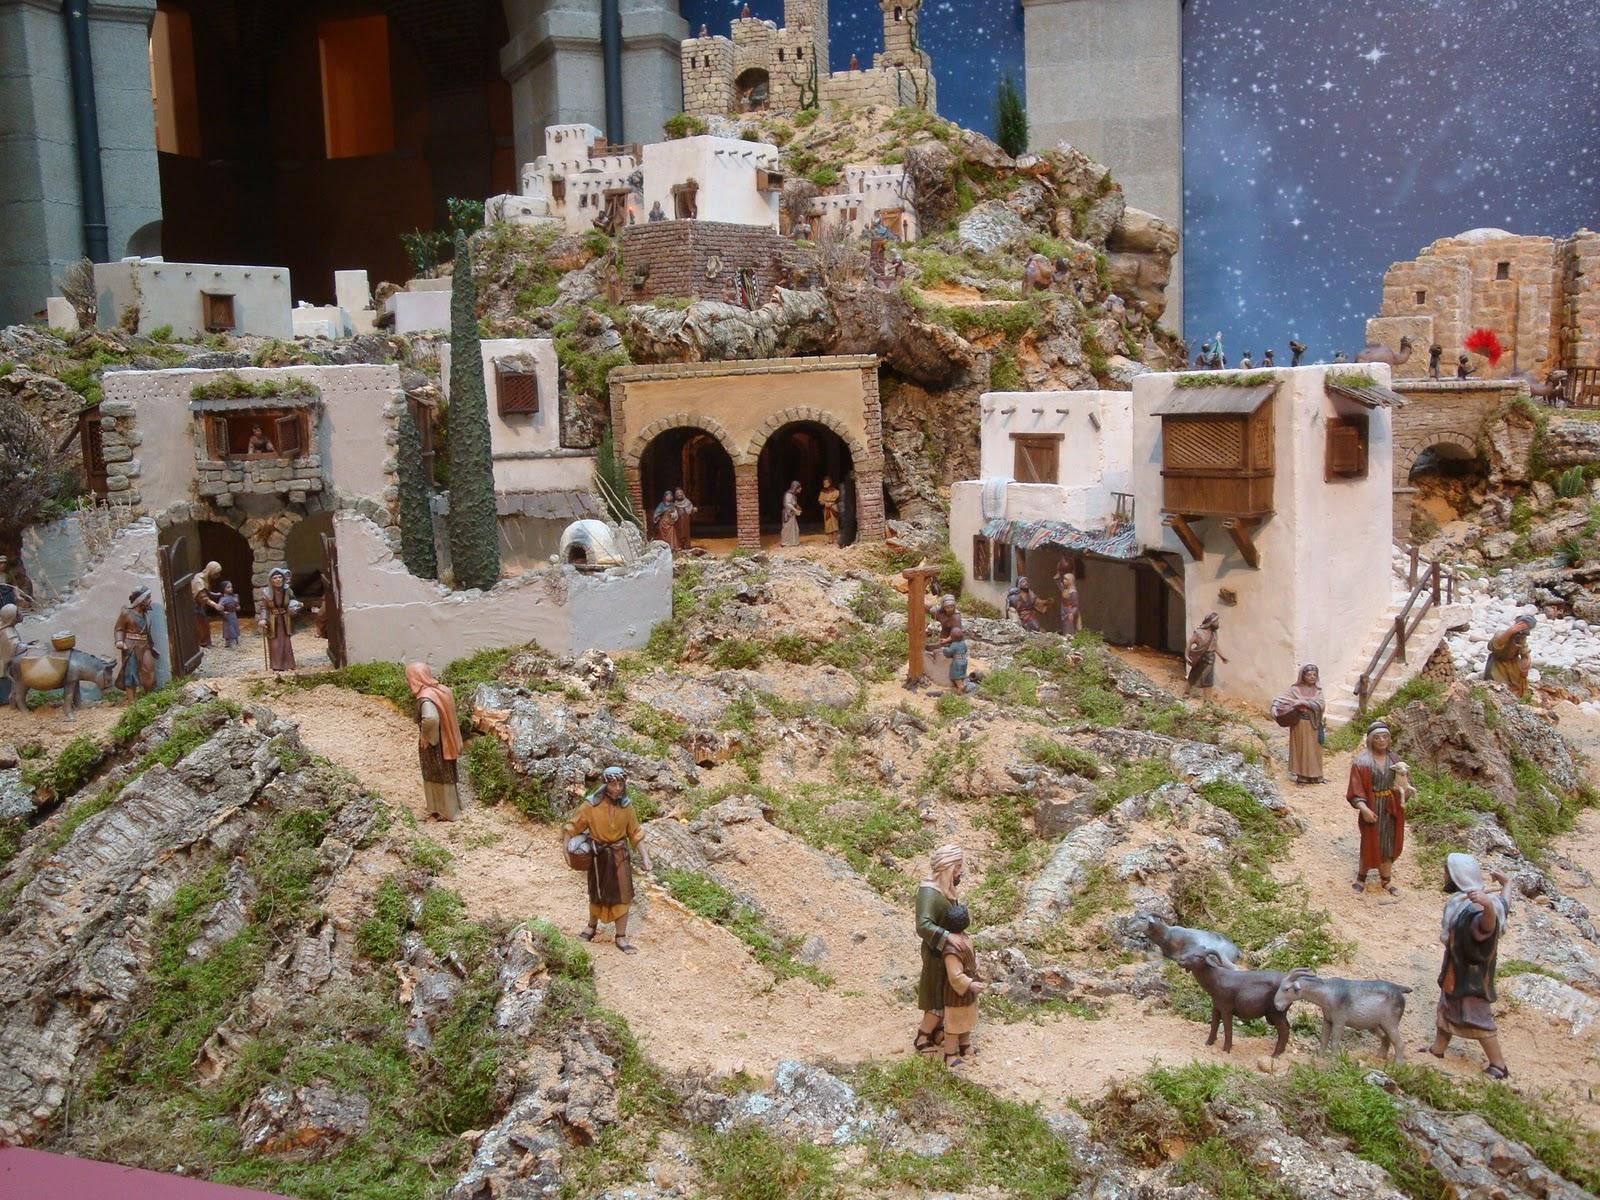 Viajeblogevasion diciembre 2011 for Nacimiento belen